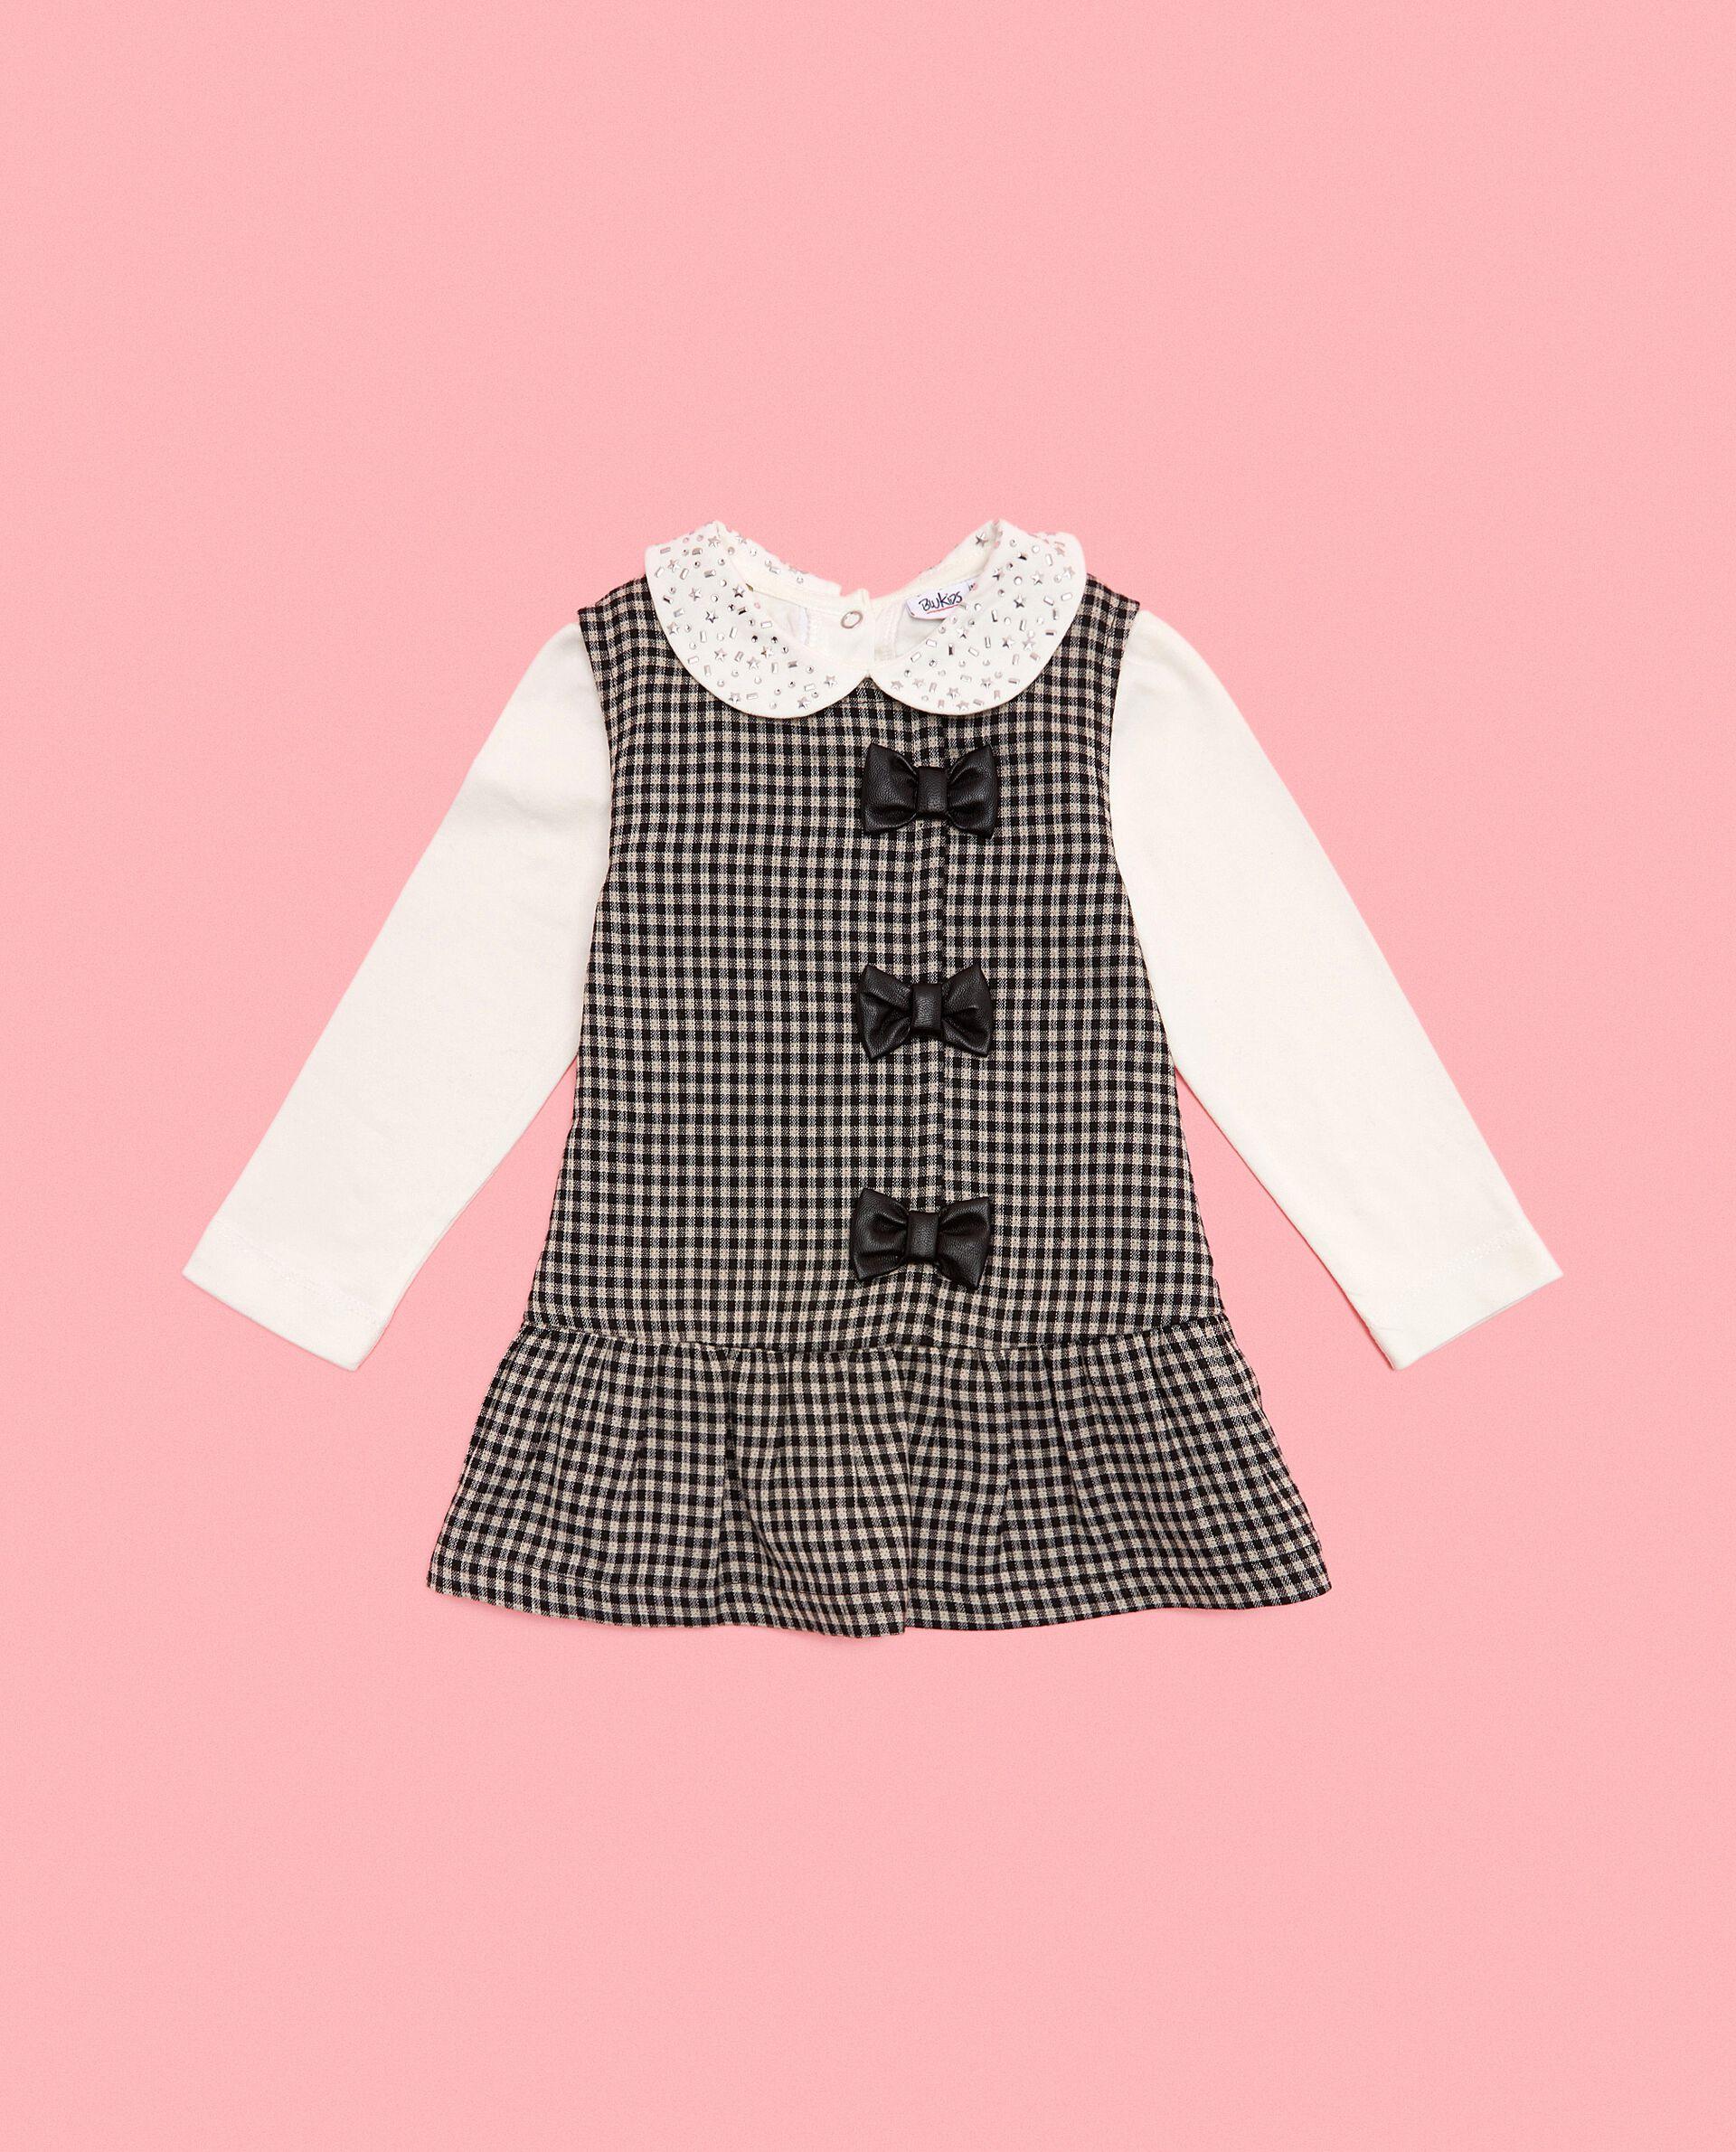 Vestitino scamiciato a quadri in cotone biologico neonata